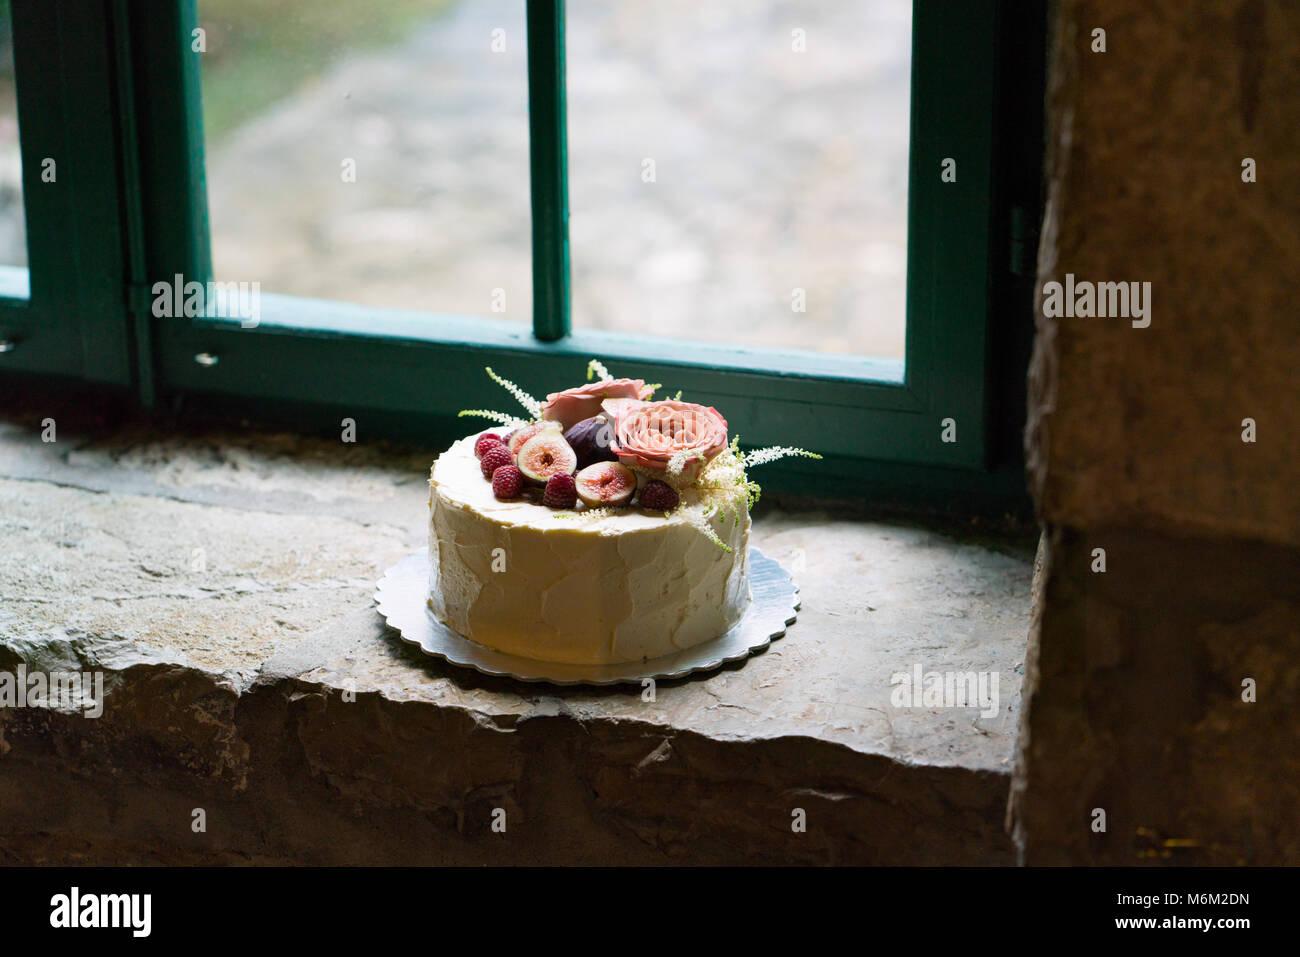 Hausgemachte Hochzeitstorte Mit Blumen Und Fruchten Dekoriert